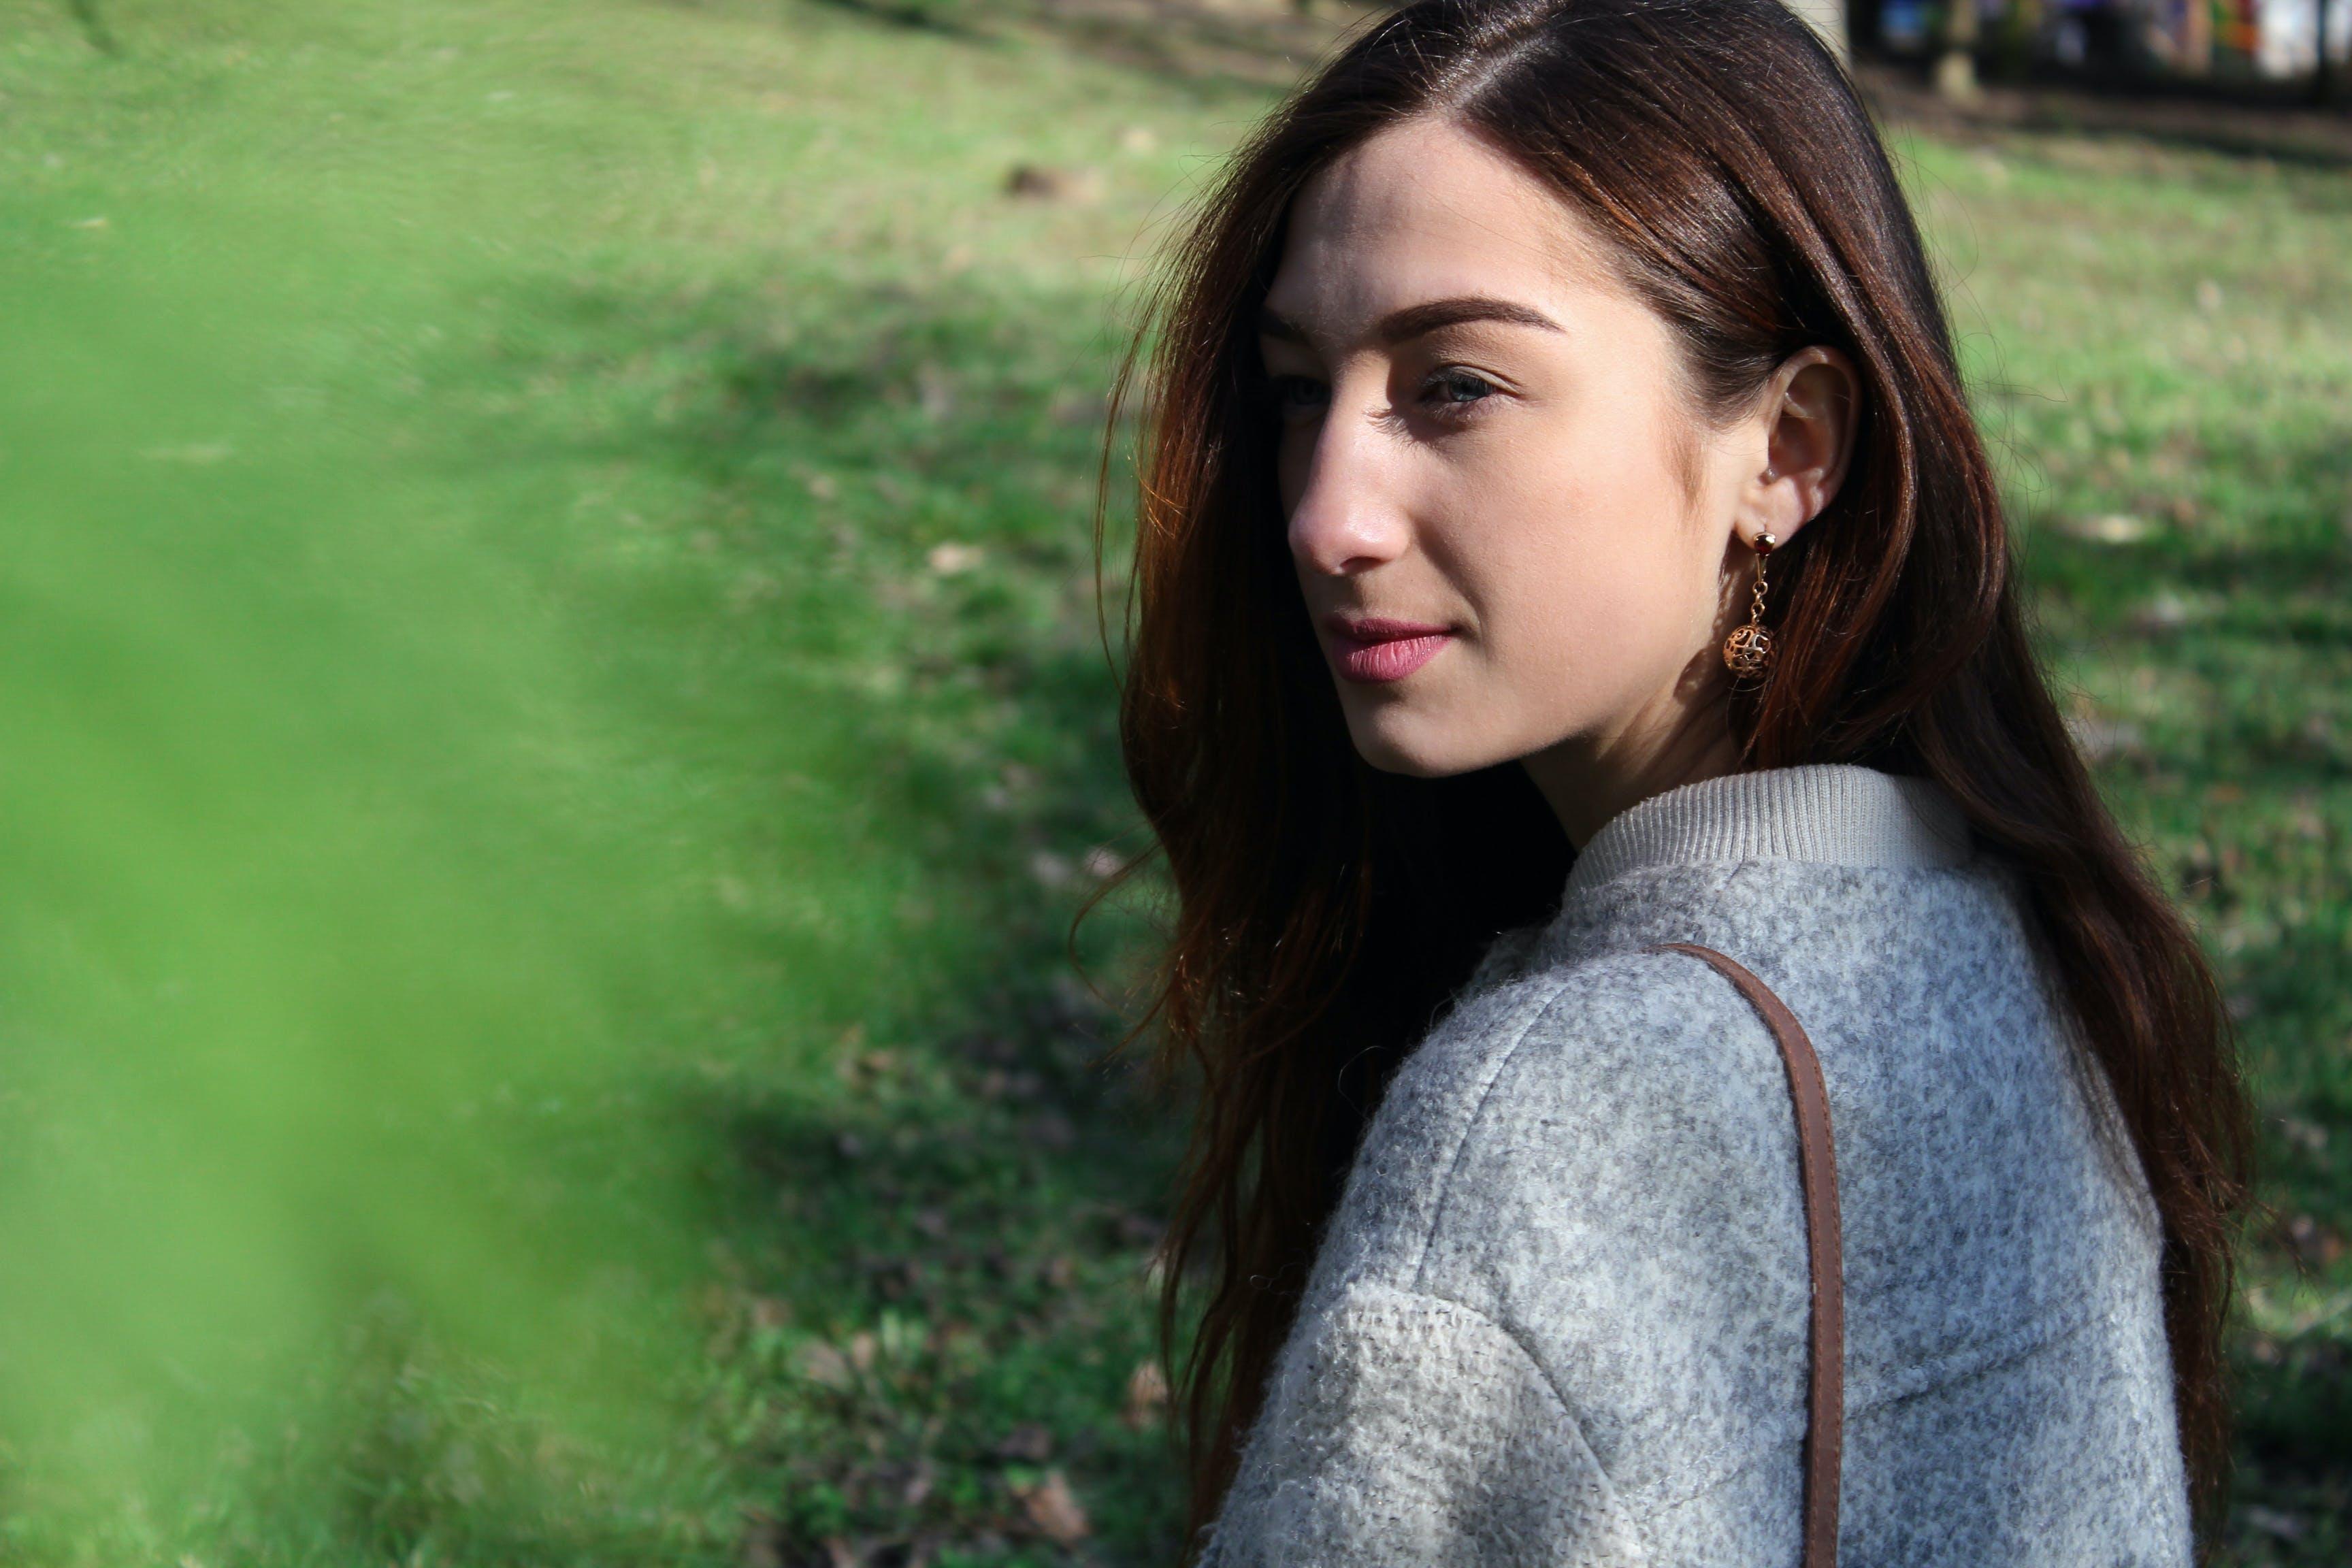 Woman in Gray Sweater Beside Grass Field